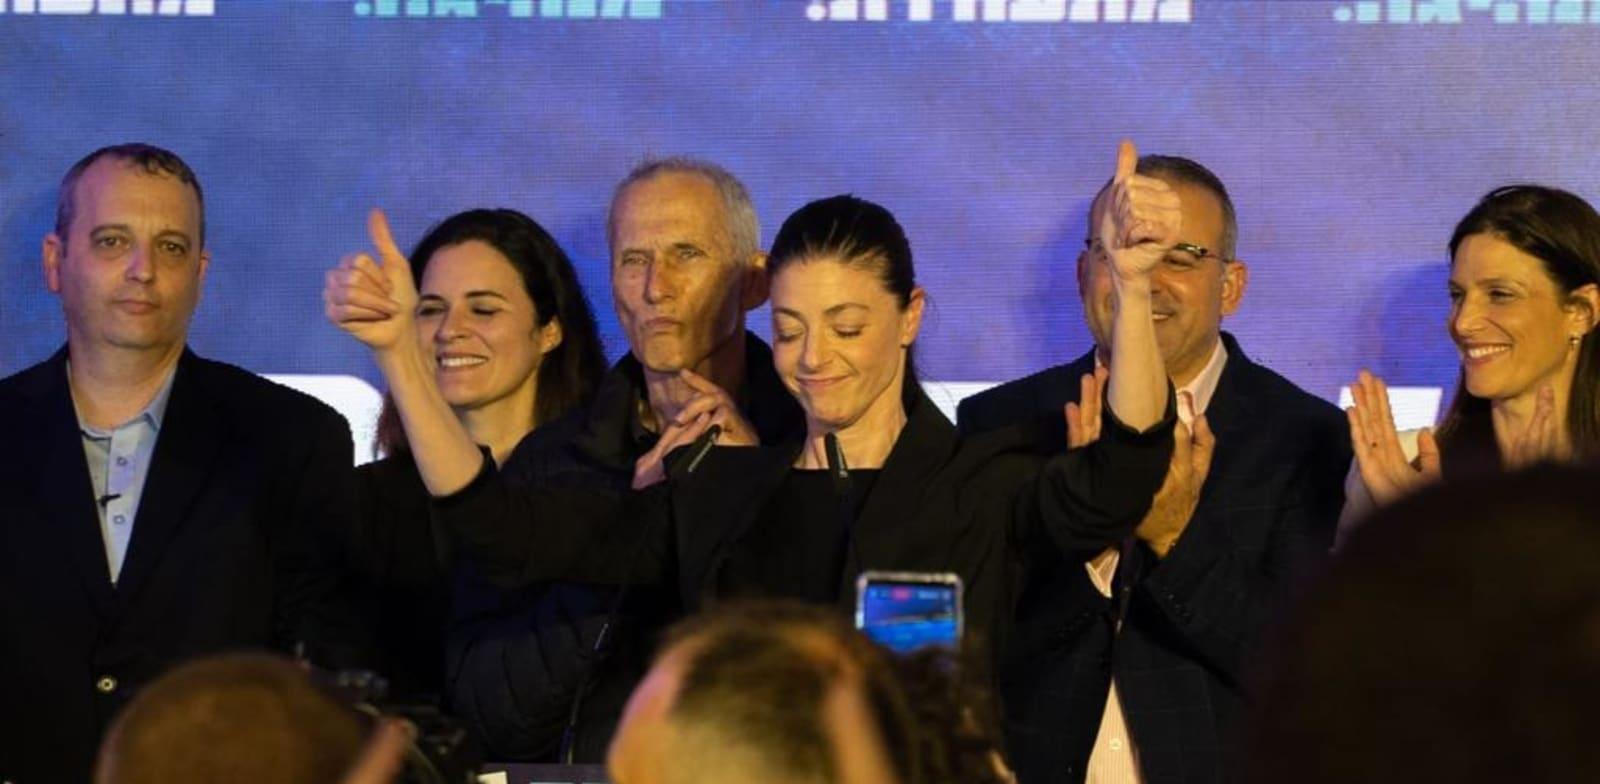 מרב מיכאלי עם חברי מפלגת העבודה בתום יום הבחירות / צילום: מפלגת העבודה